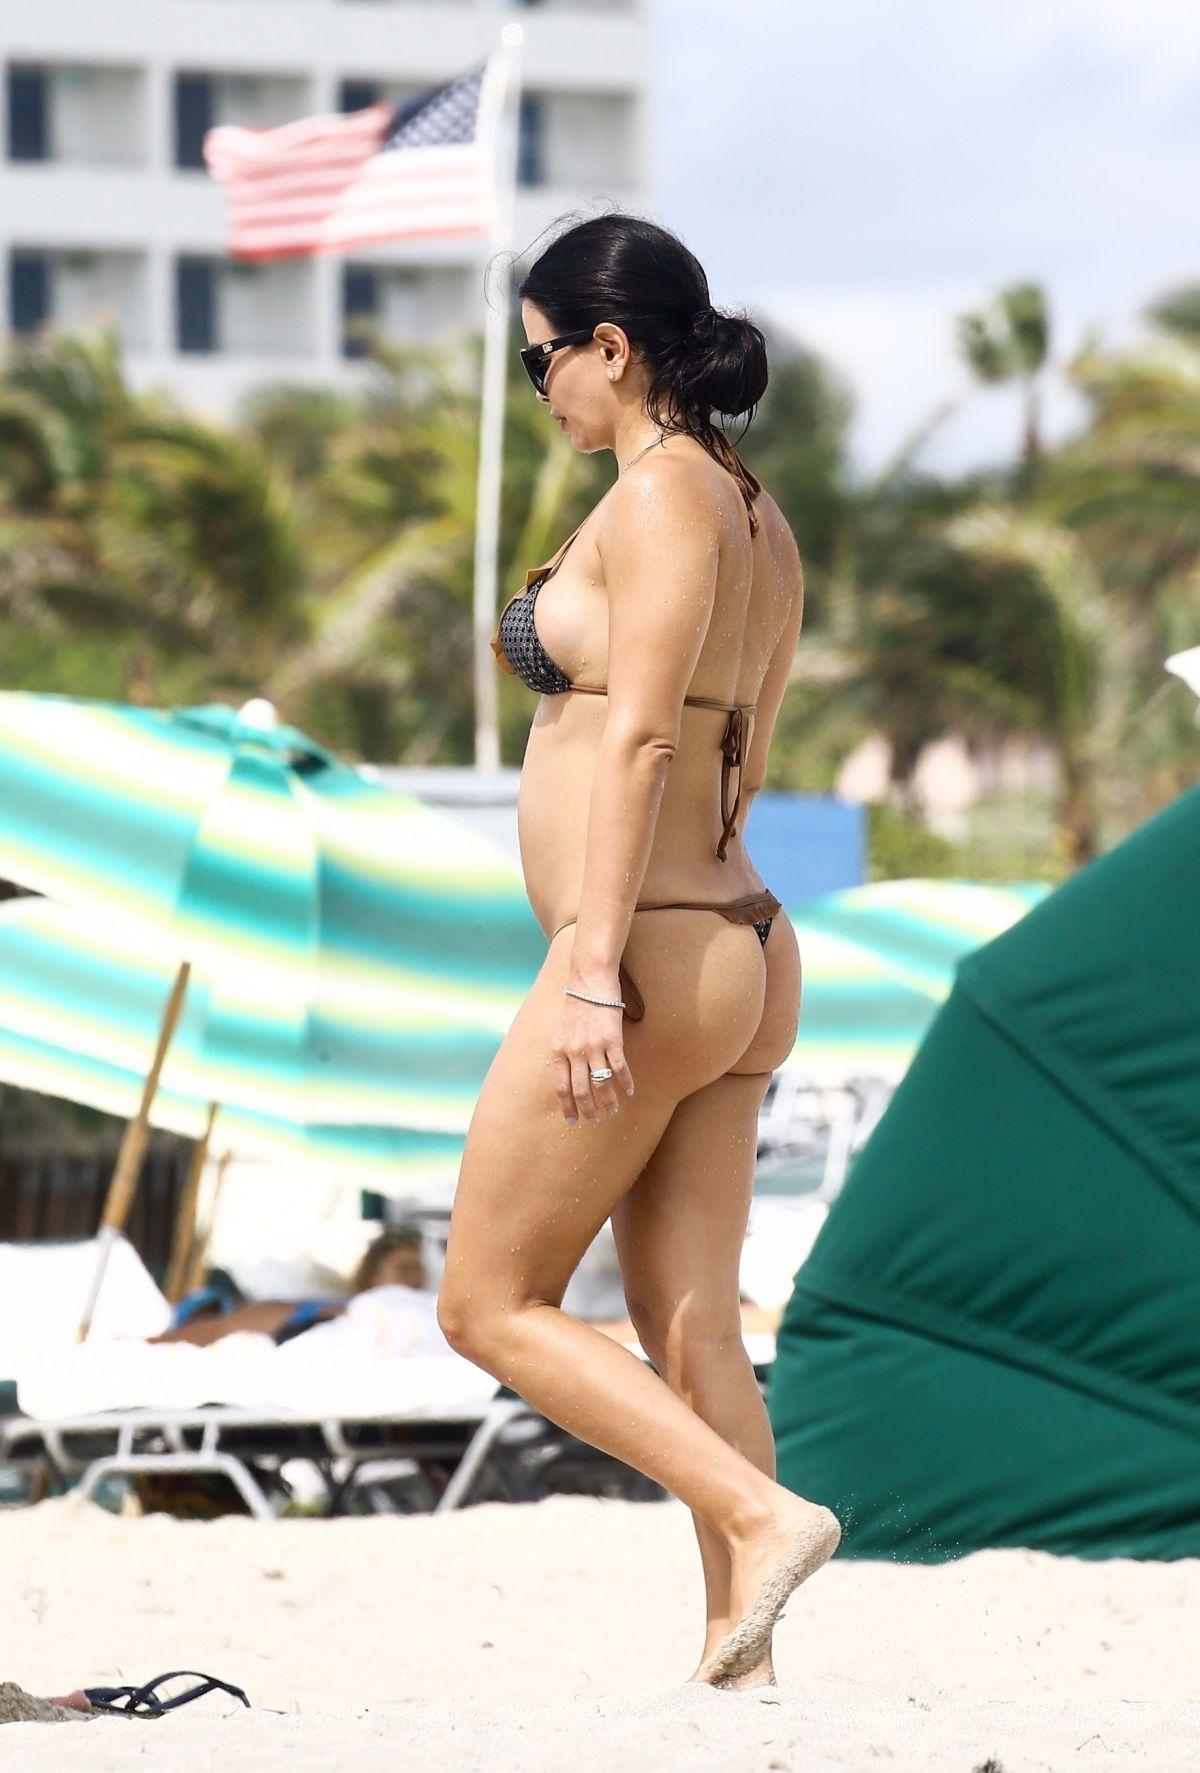 Kathy Picos in Bikini on the beach in Miami Pic 33 of 35